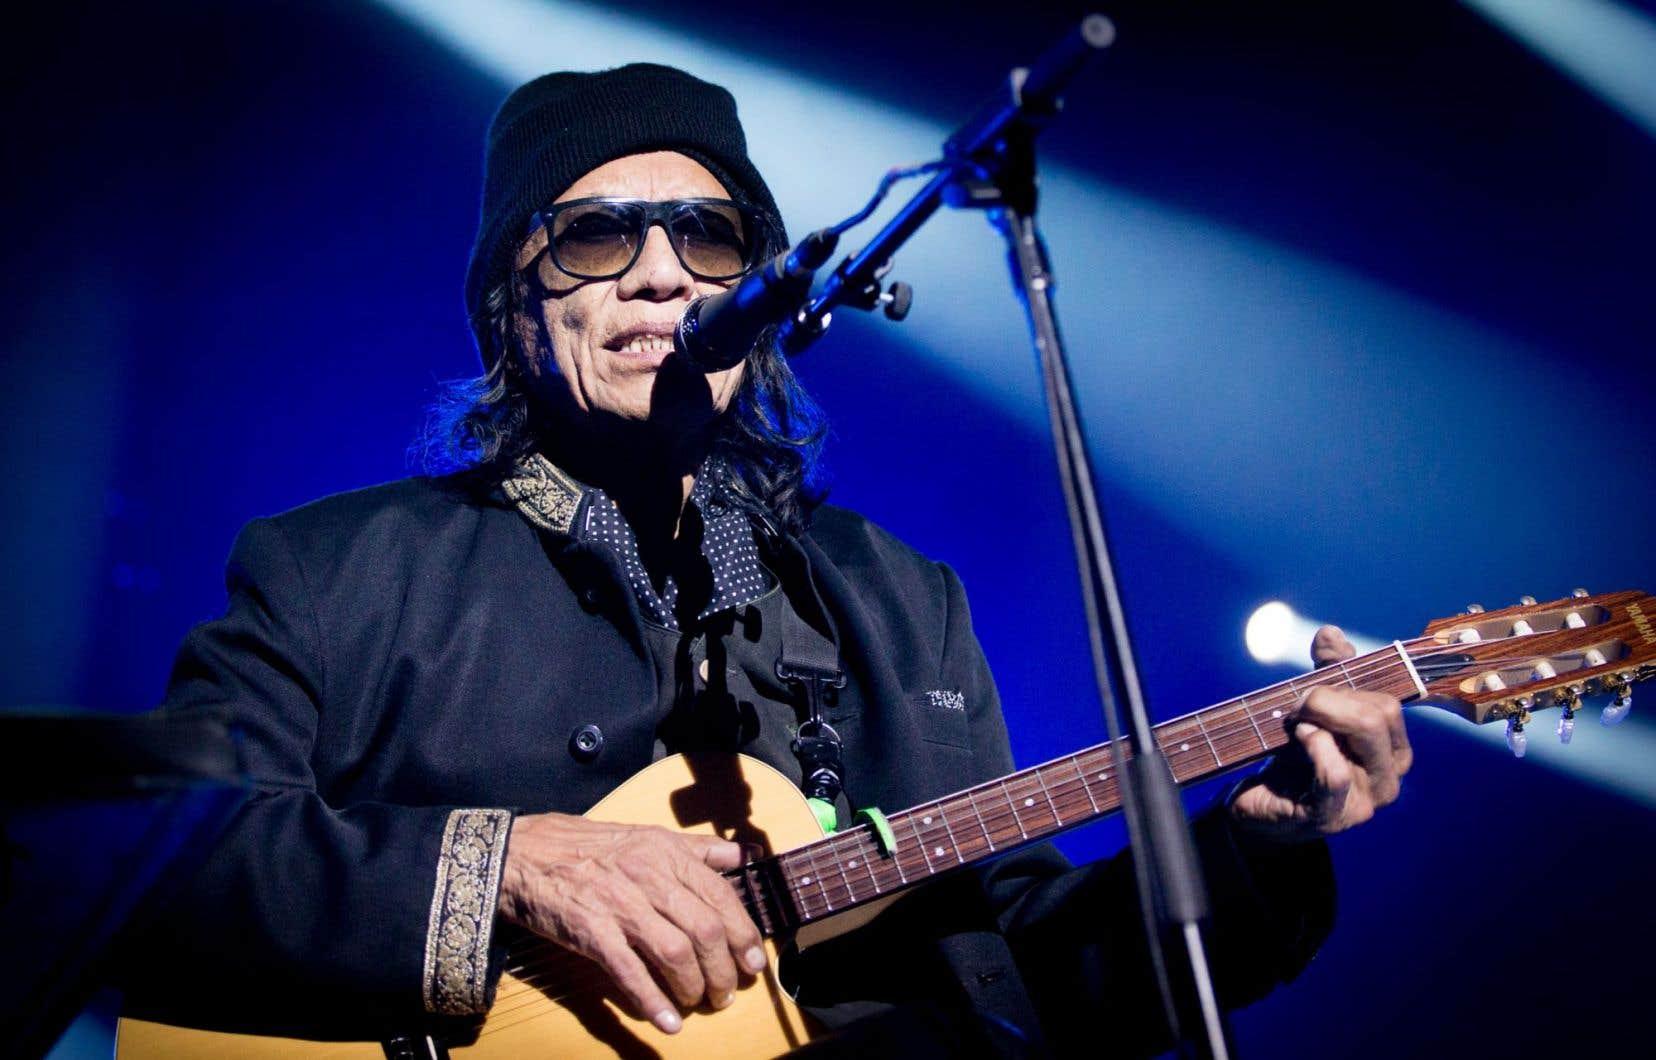 La performance de Rodriguez était généralement paisible et délicate.